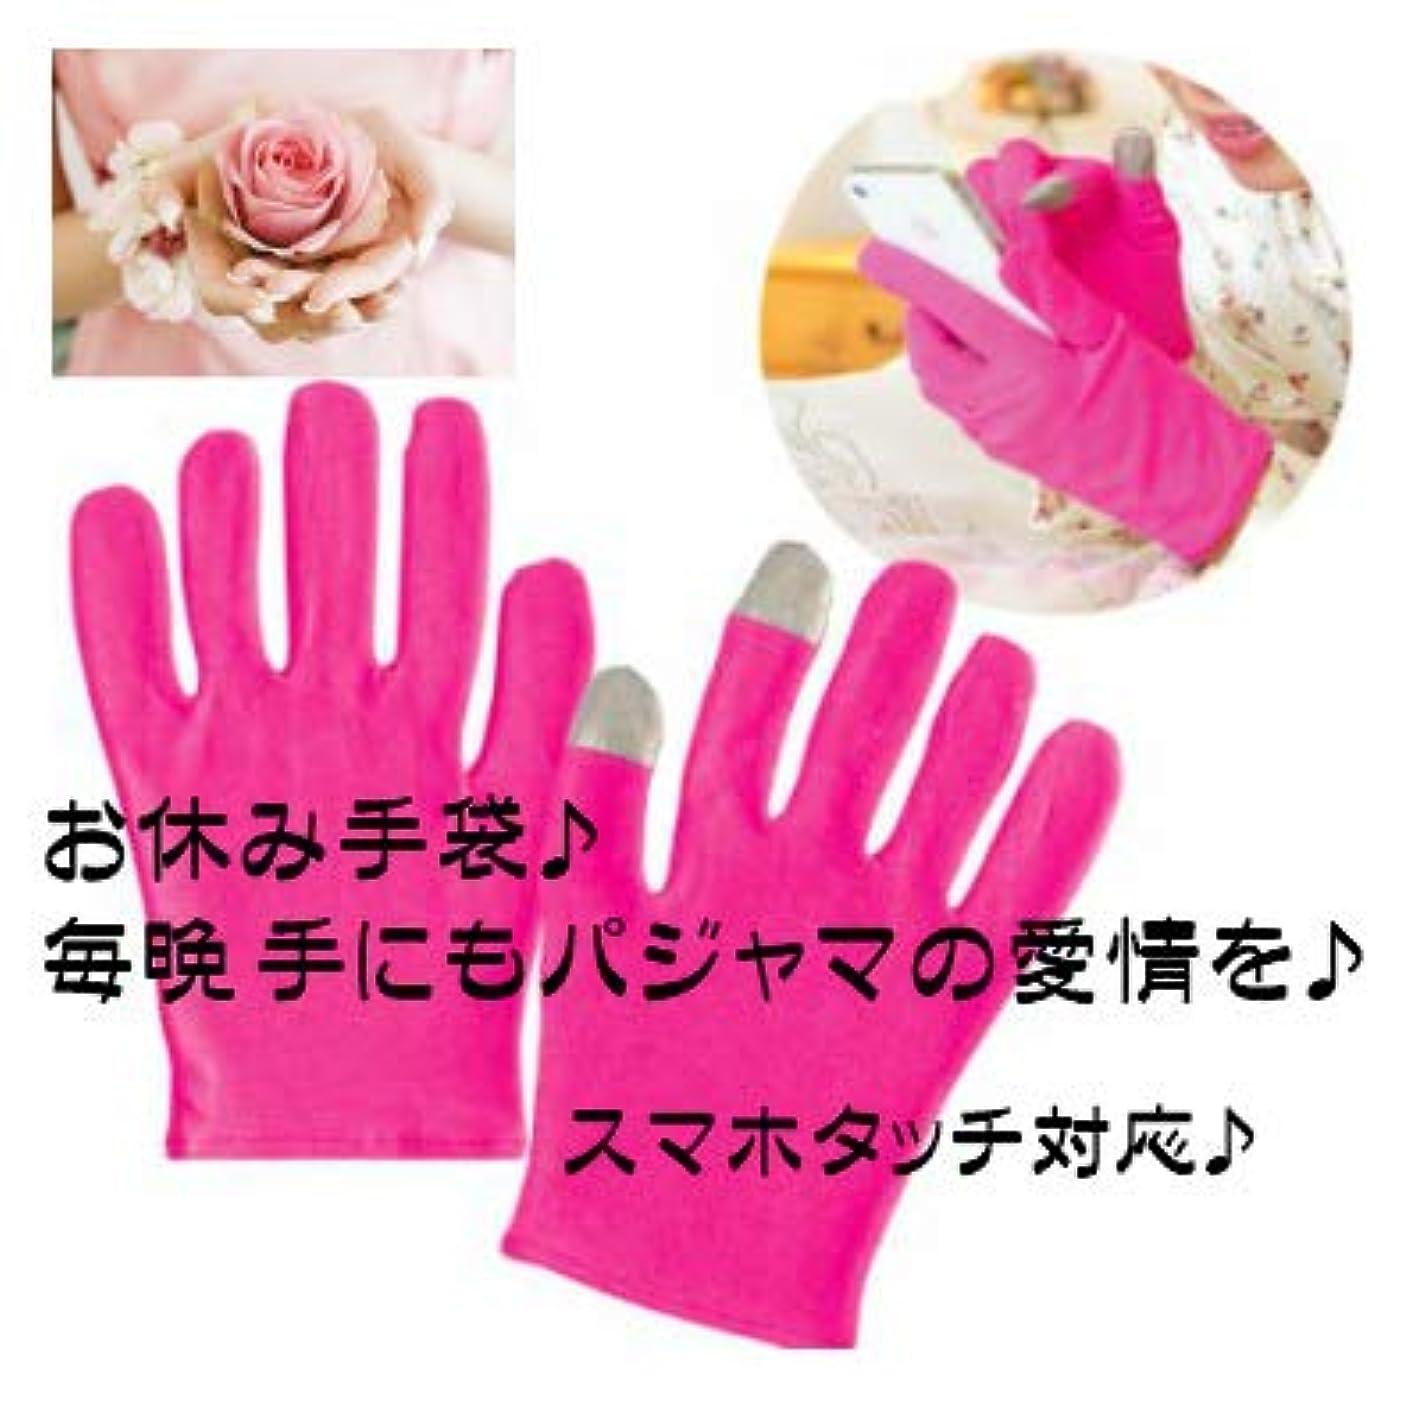 任命小包コード美容ハンドケア手袋 就寝手袋 スマホタッチ対応 おやすみ手袋保湿手袋